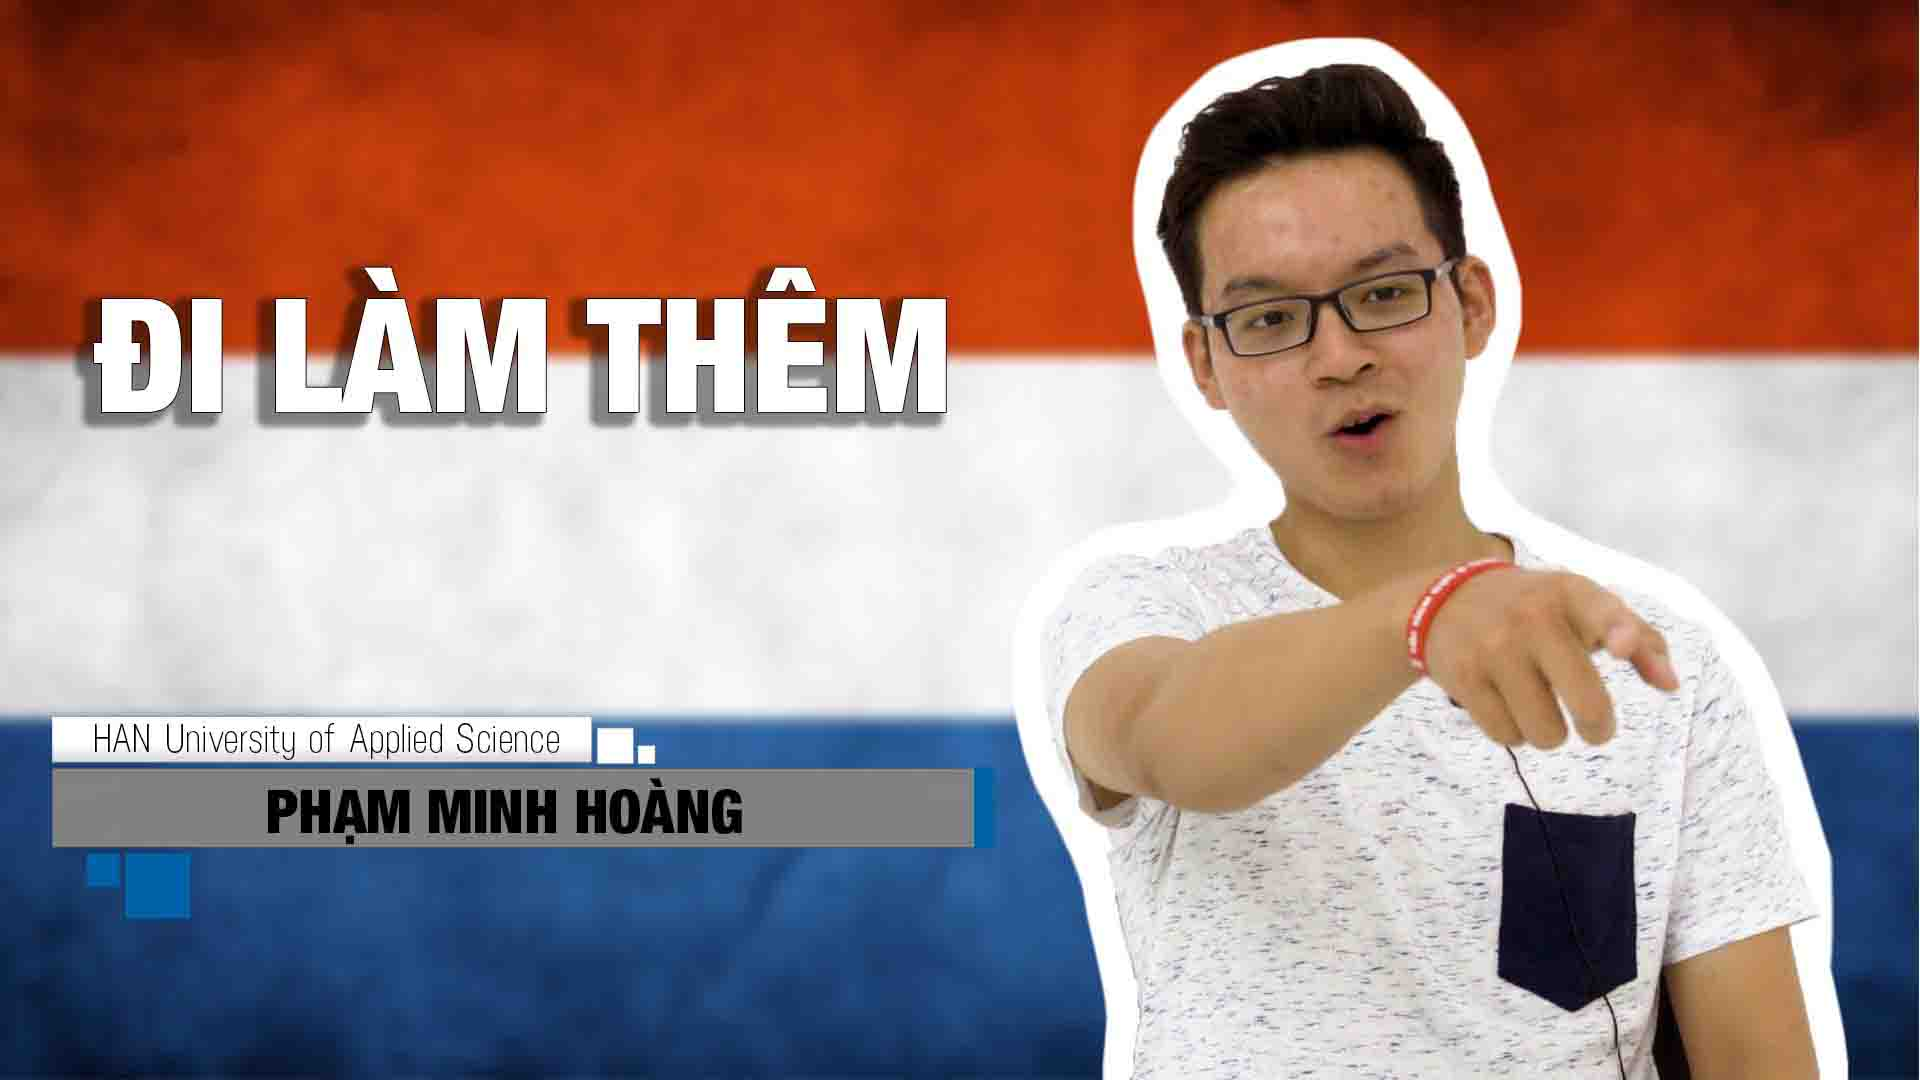 Làm thêm ở Hà Lan có phải toàn màu hồng? Nghe bạn Phạm Minh Hoàng đang học tại đại học Khoa Học Ứng Dụng HAN kể về kinh nghiệm làm thêm của mình nhé!